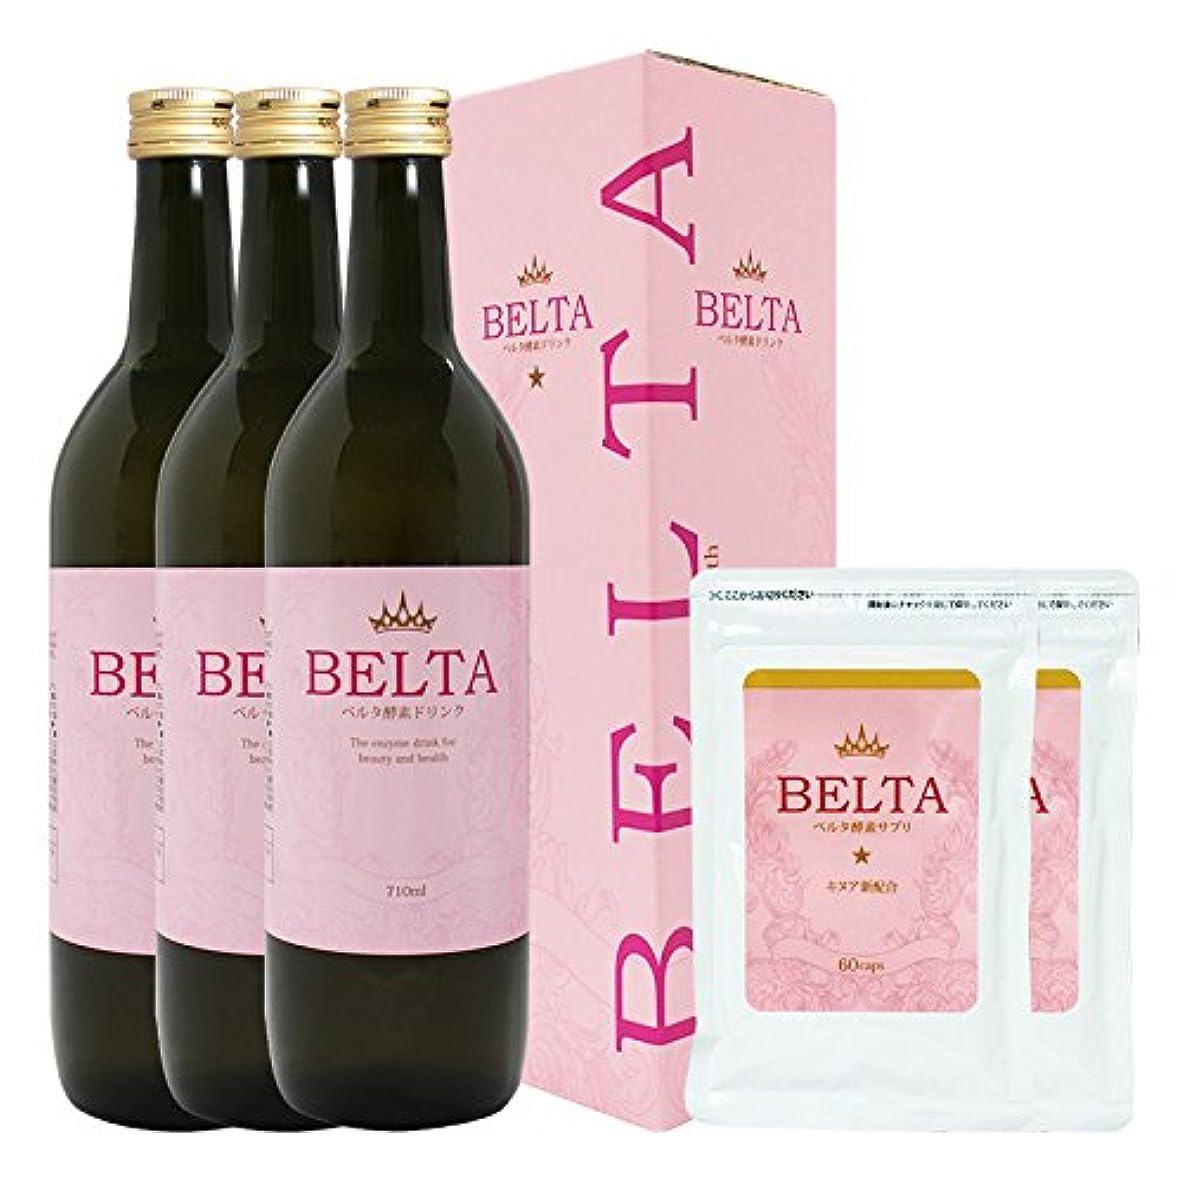 BELTA ベルタ酵素ドリンク 即ダイエットパック(ベルタ酵素ドリンク (710ml) 3本 ベルタ酵素サプリメント(60粒) 2袋) 置き換え ダイエット ファスティング 断食 すっきり飲みやすいピーチ味